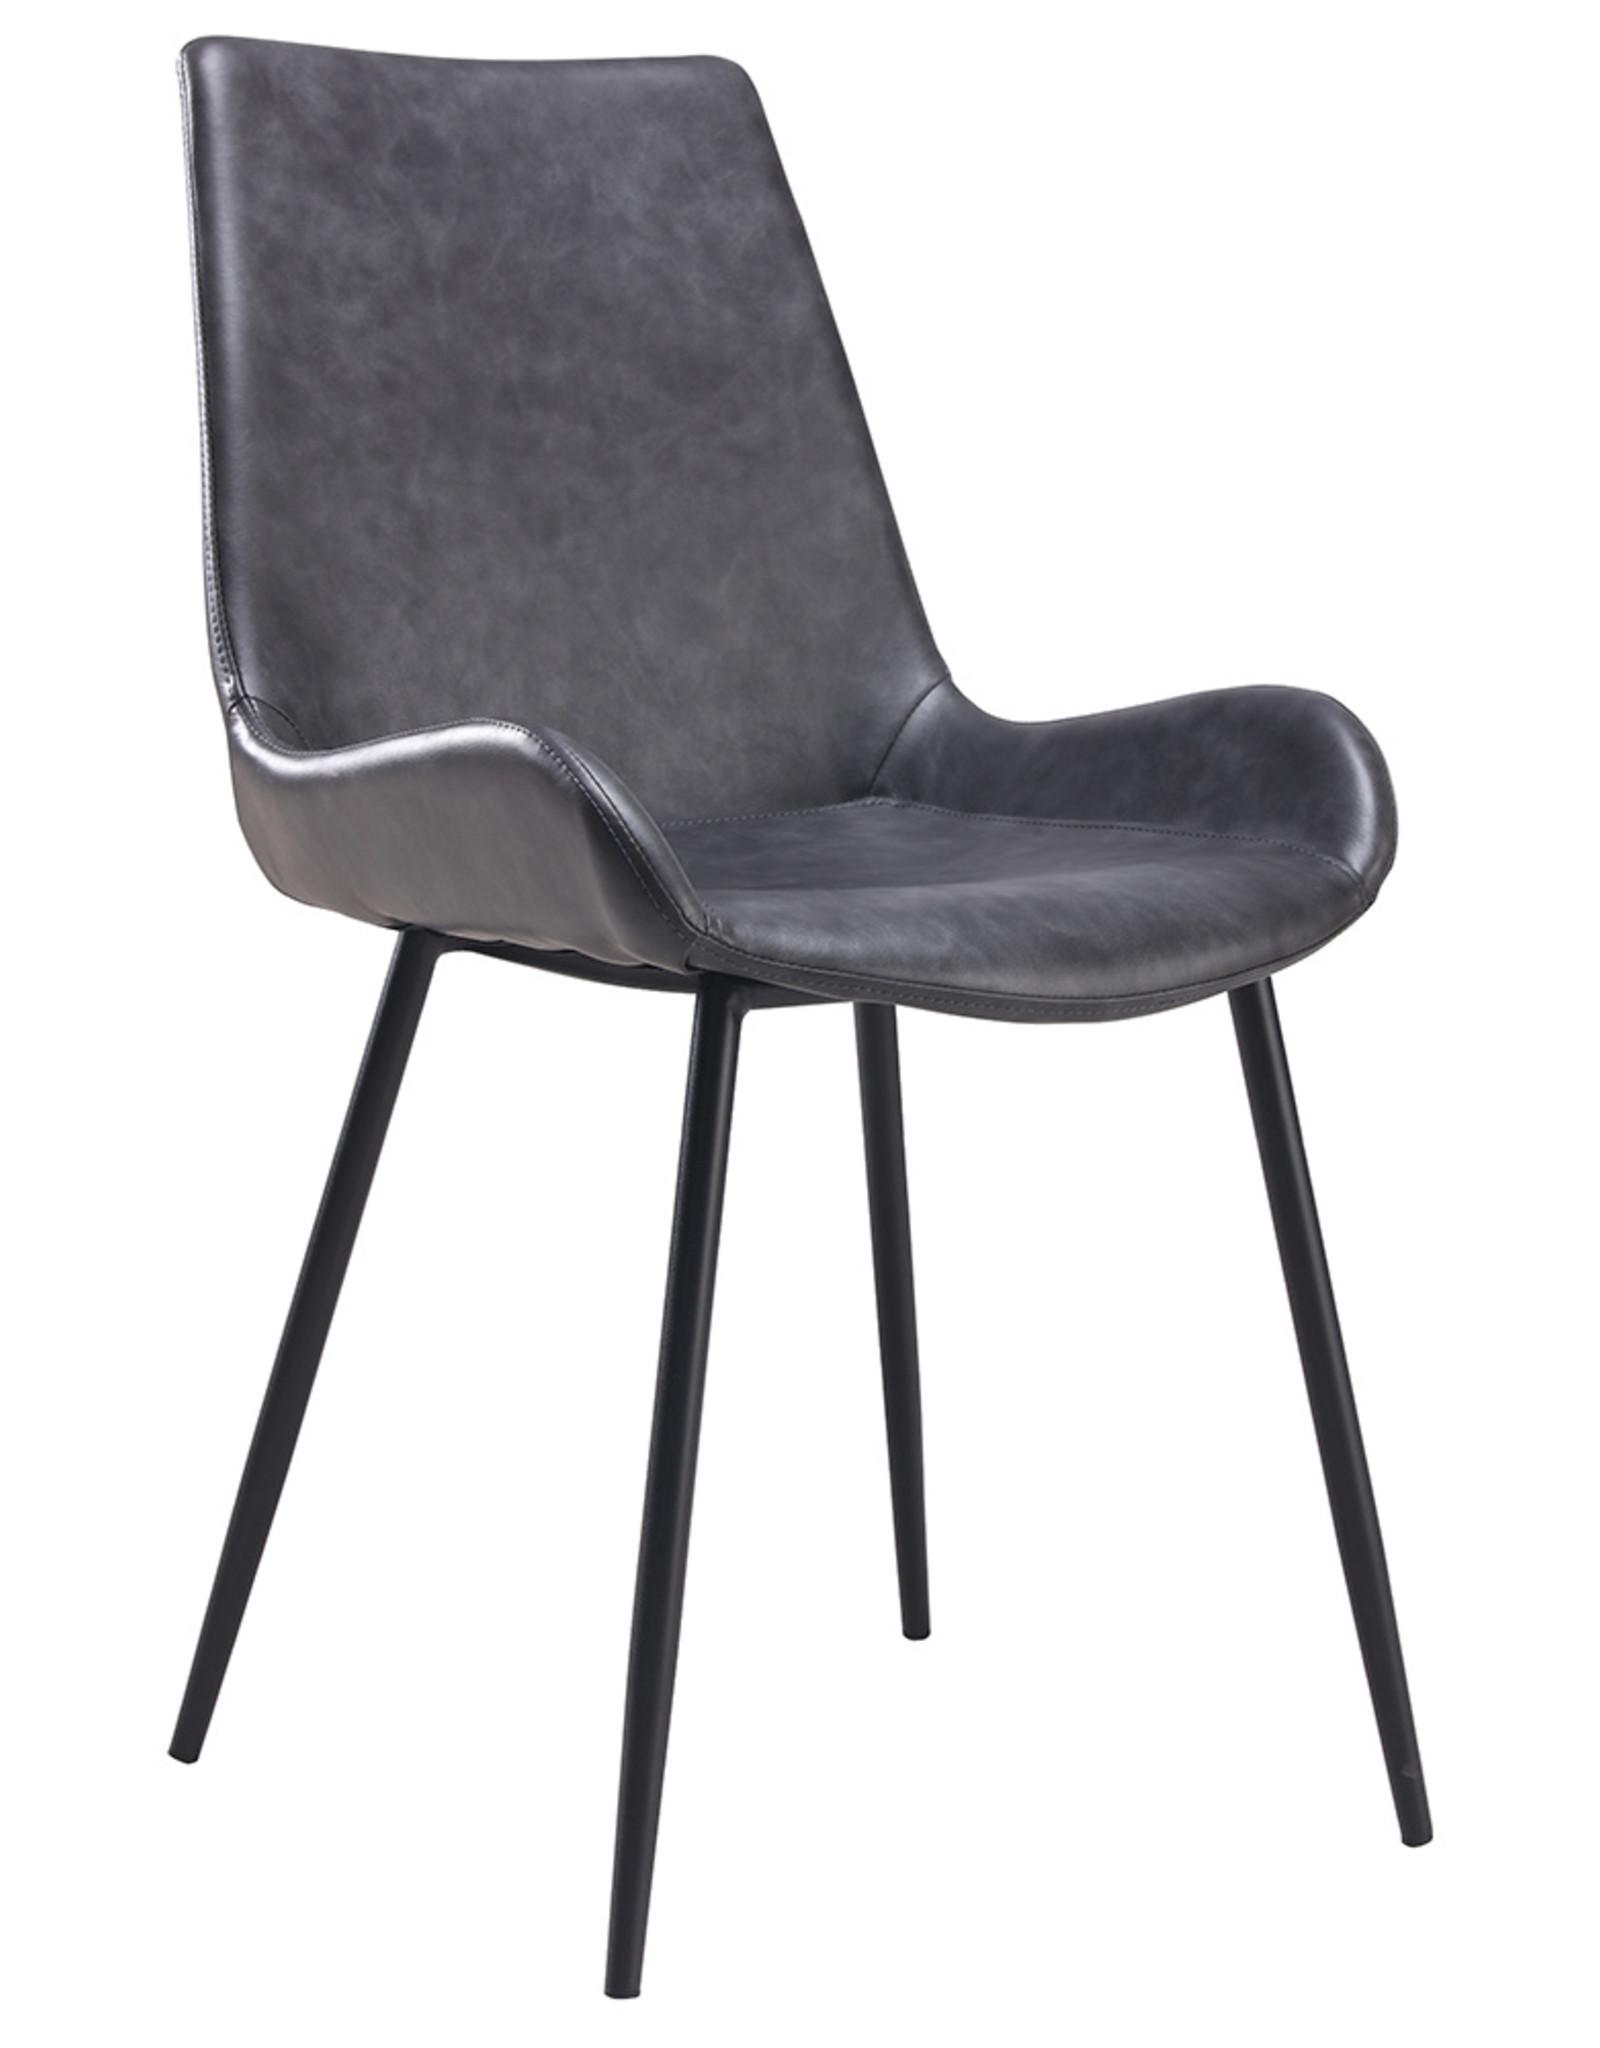 Cathay Cathay Jacinta Dining Chair Grey 1-1976